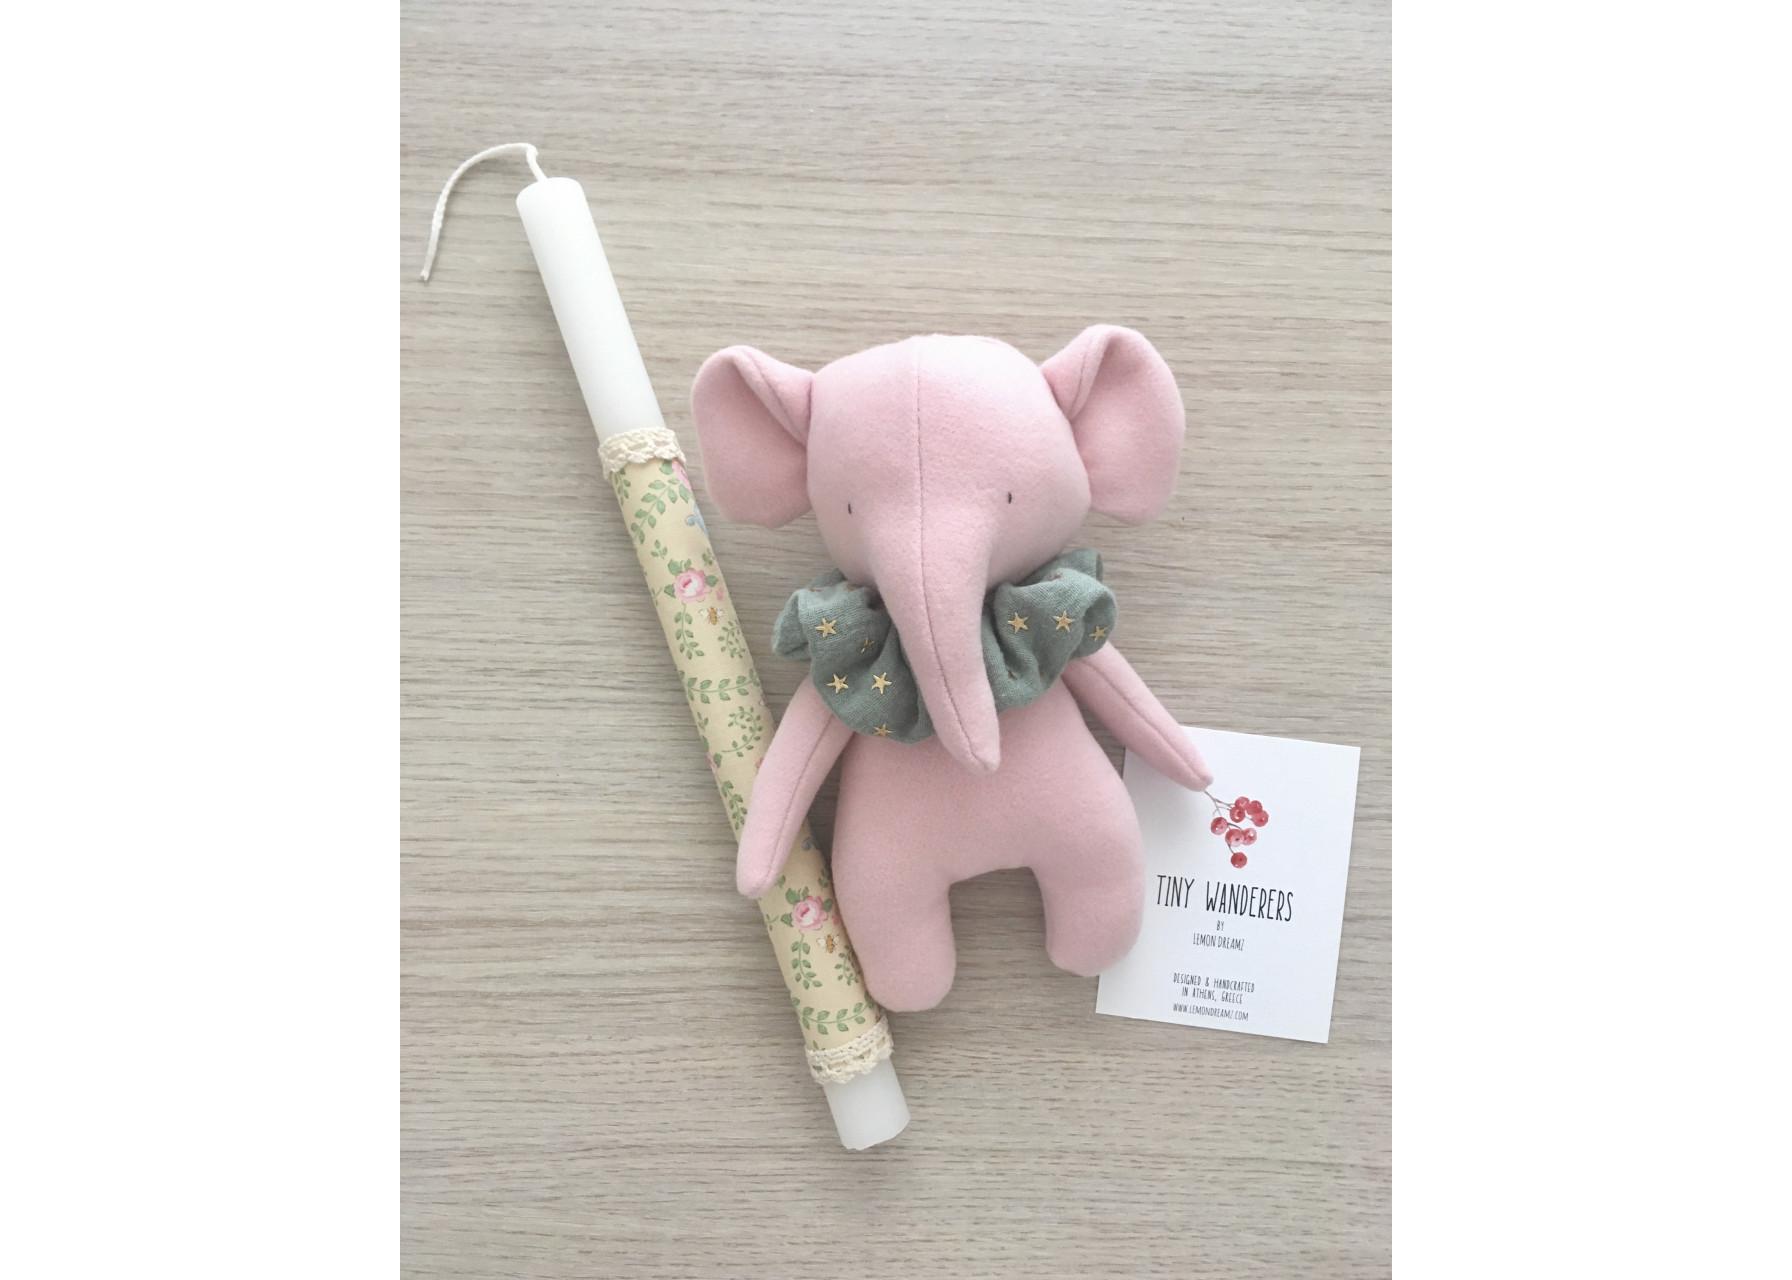 Πασχαλινή λαμπάδα / Ροζ φτερωτό ελεφαντάκι